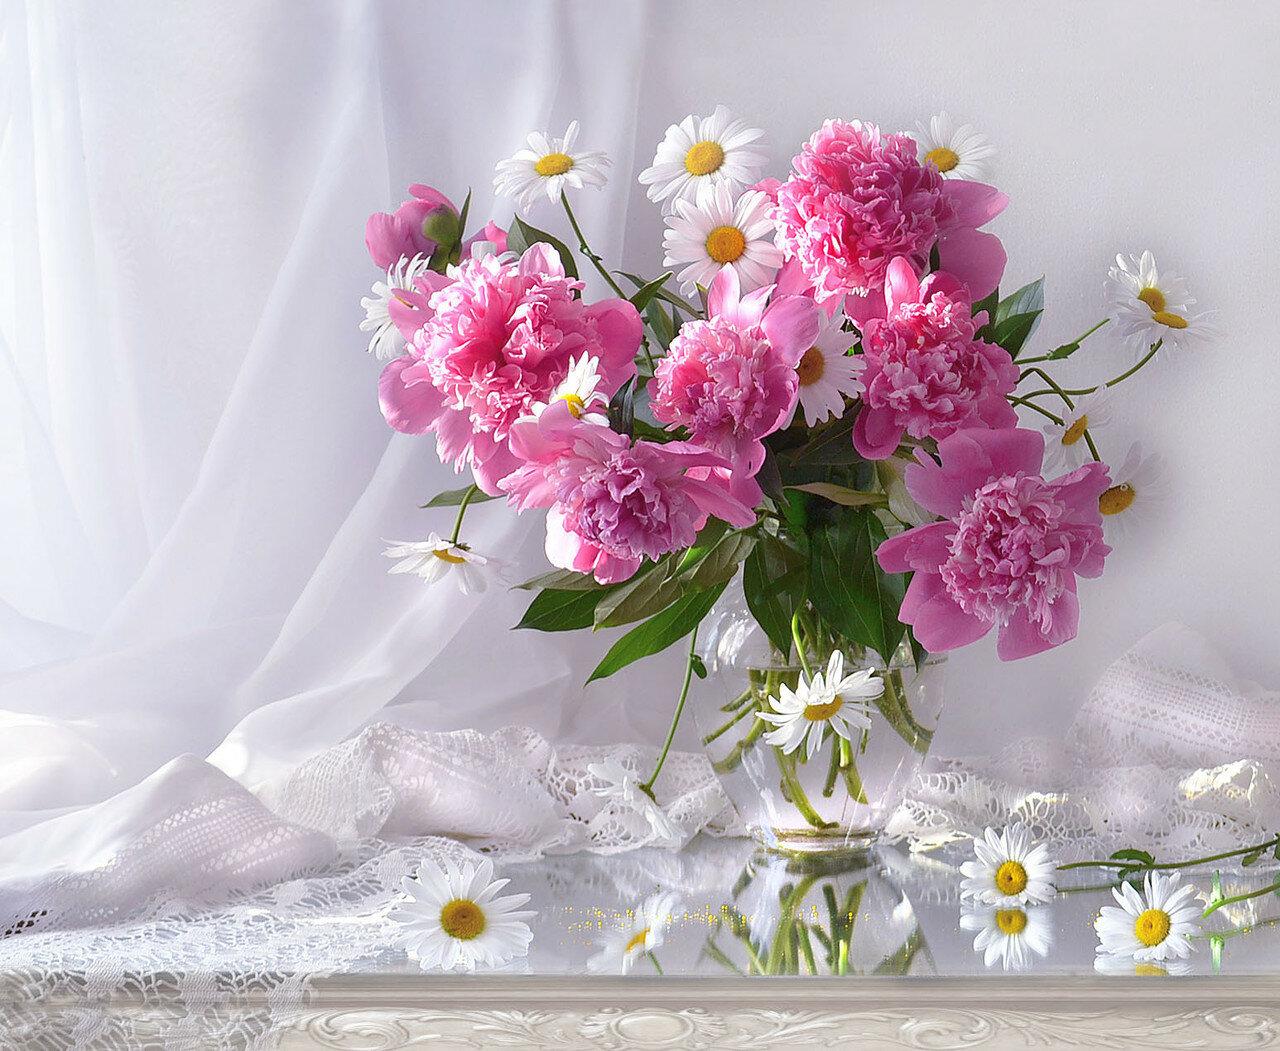 Благоухание пионов нежных навеивало мысли о любви -